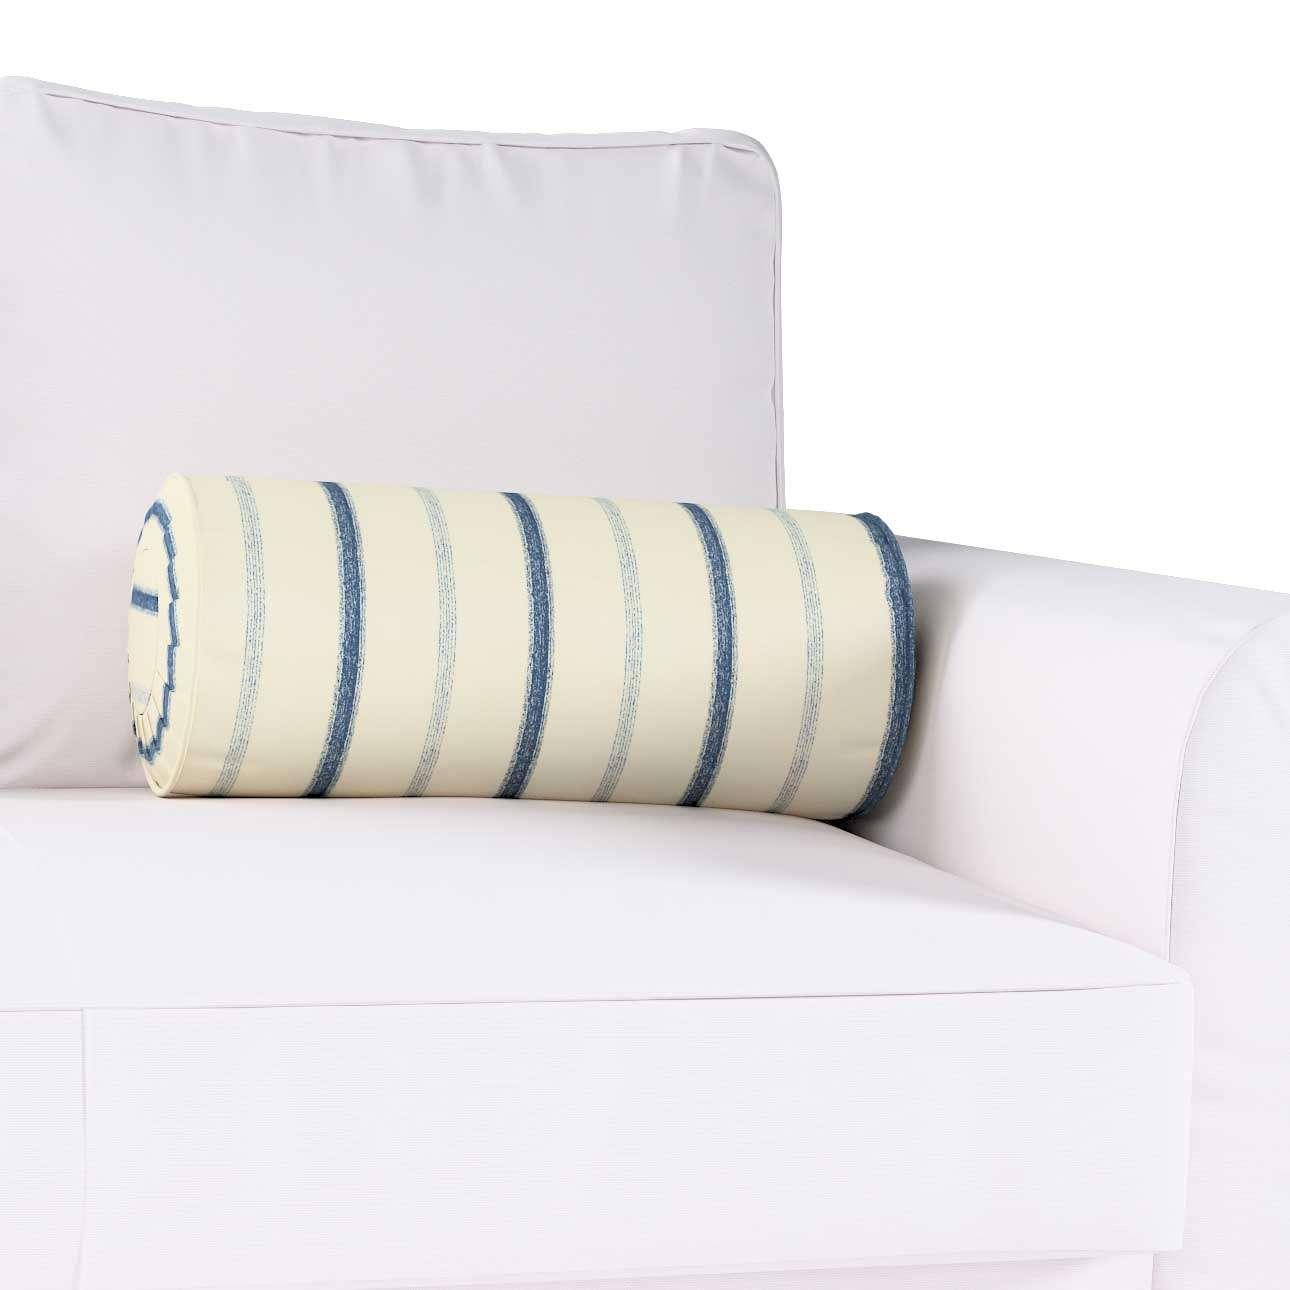 Ritinio formos  pagalvėlė su klostėmis Ø 20 x 50 cm kolekcijoje Avinon, audinys: 129-66